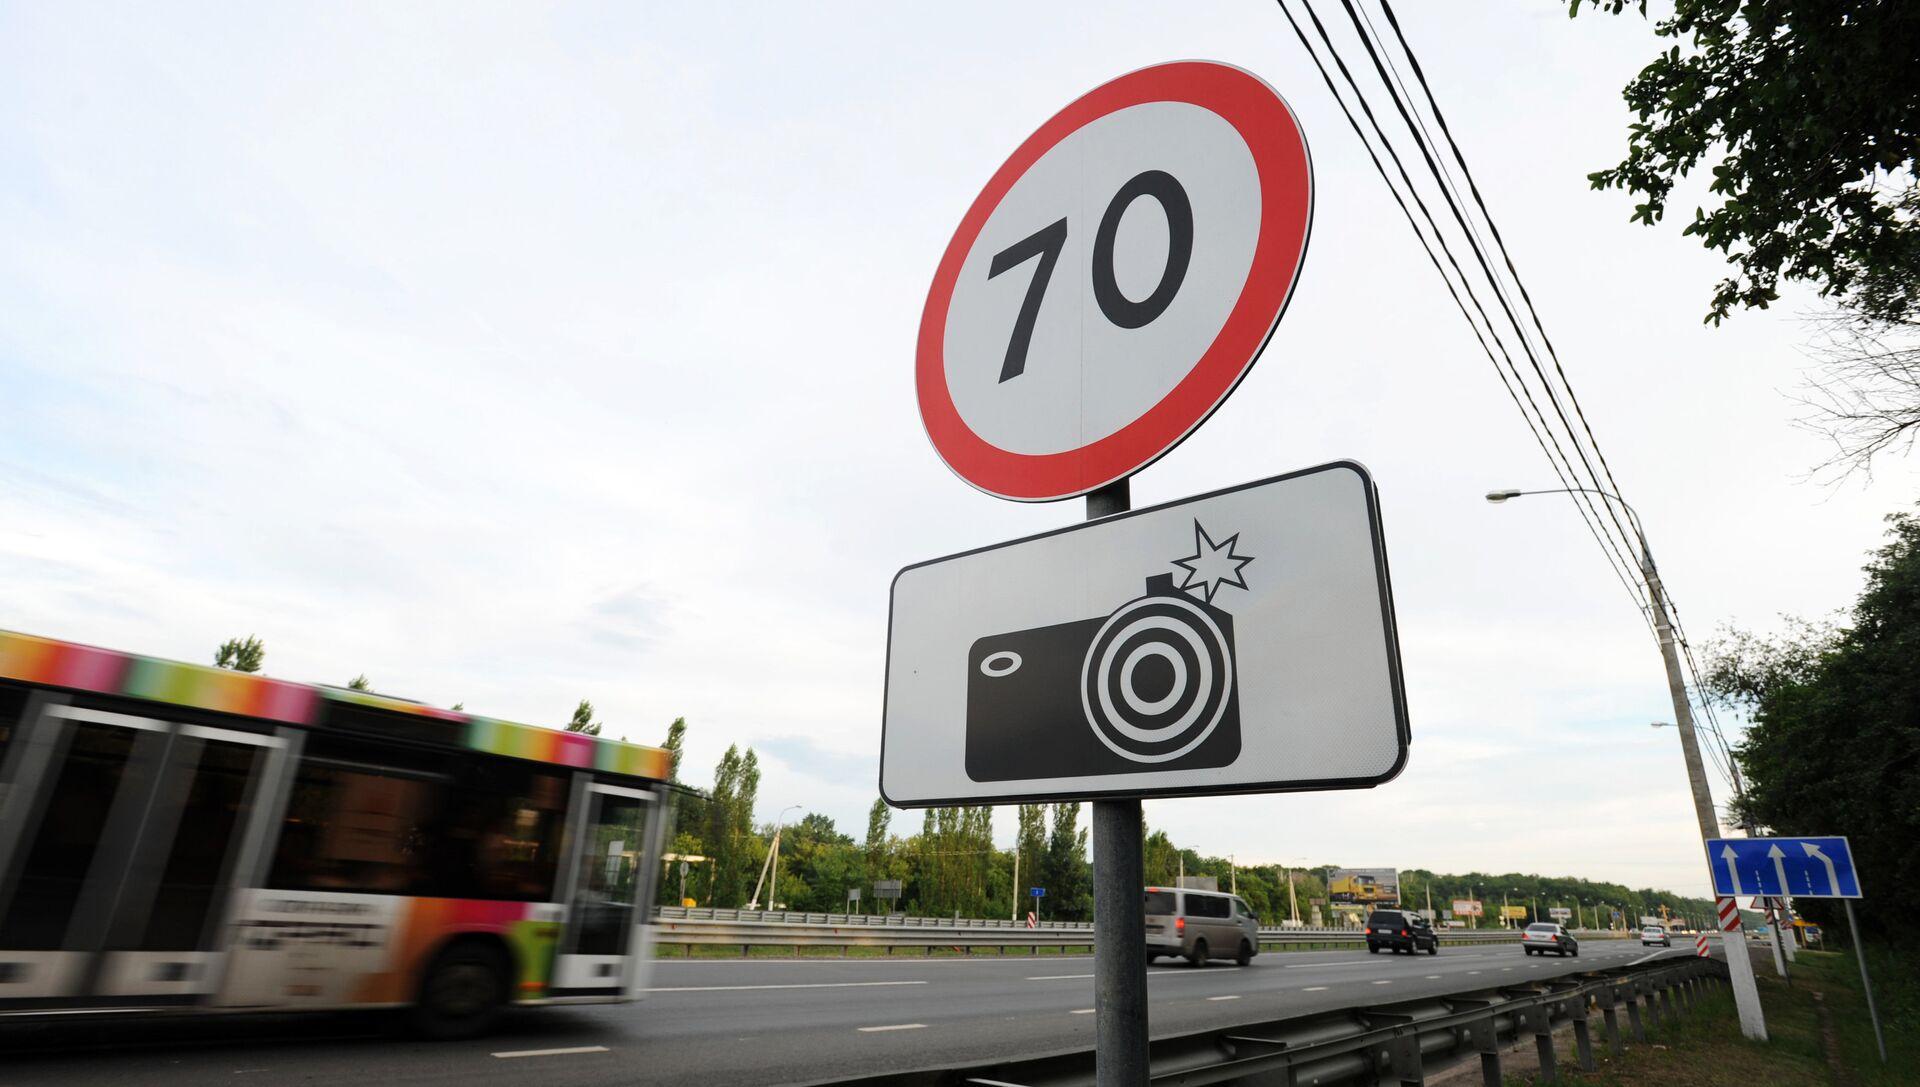 Новая разметка и знак фотовидеофиксации на российских дорогах - РИА Новости, 1920, 21.11.2020